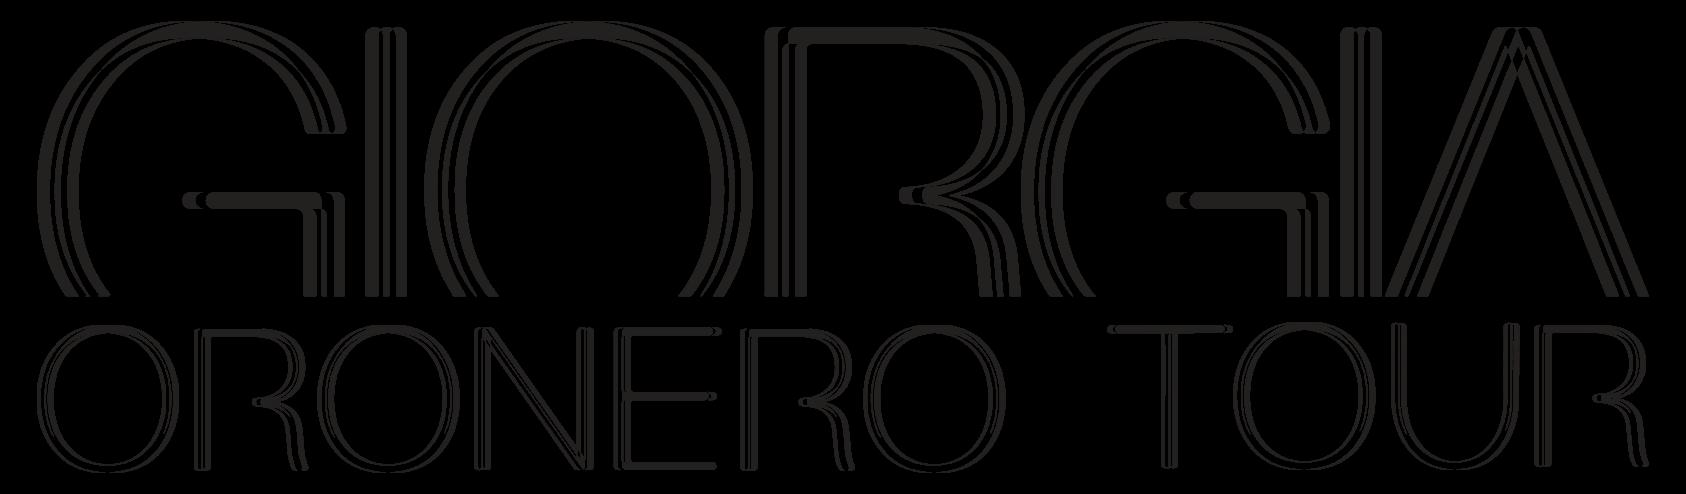 Giorgia Oro Nero Tour 2017